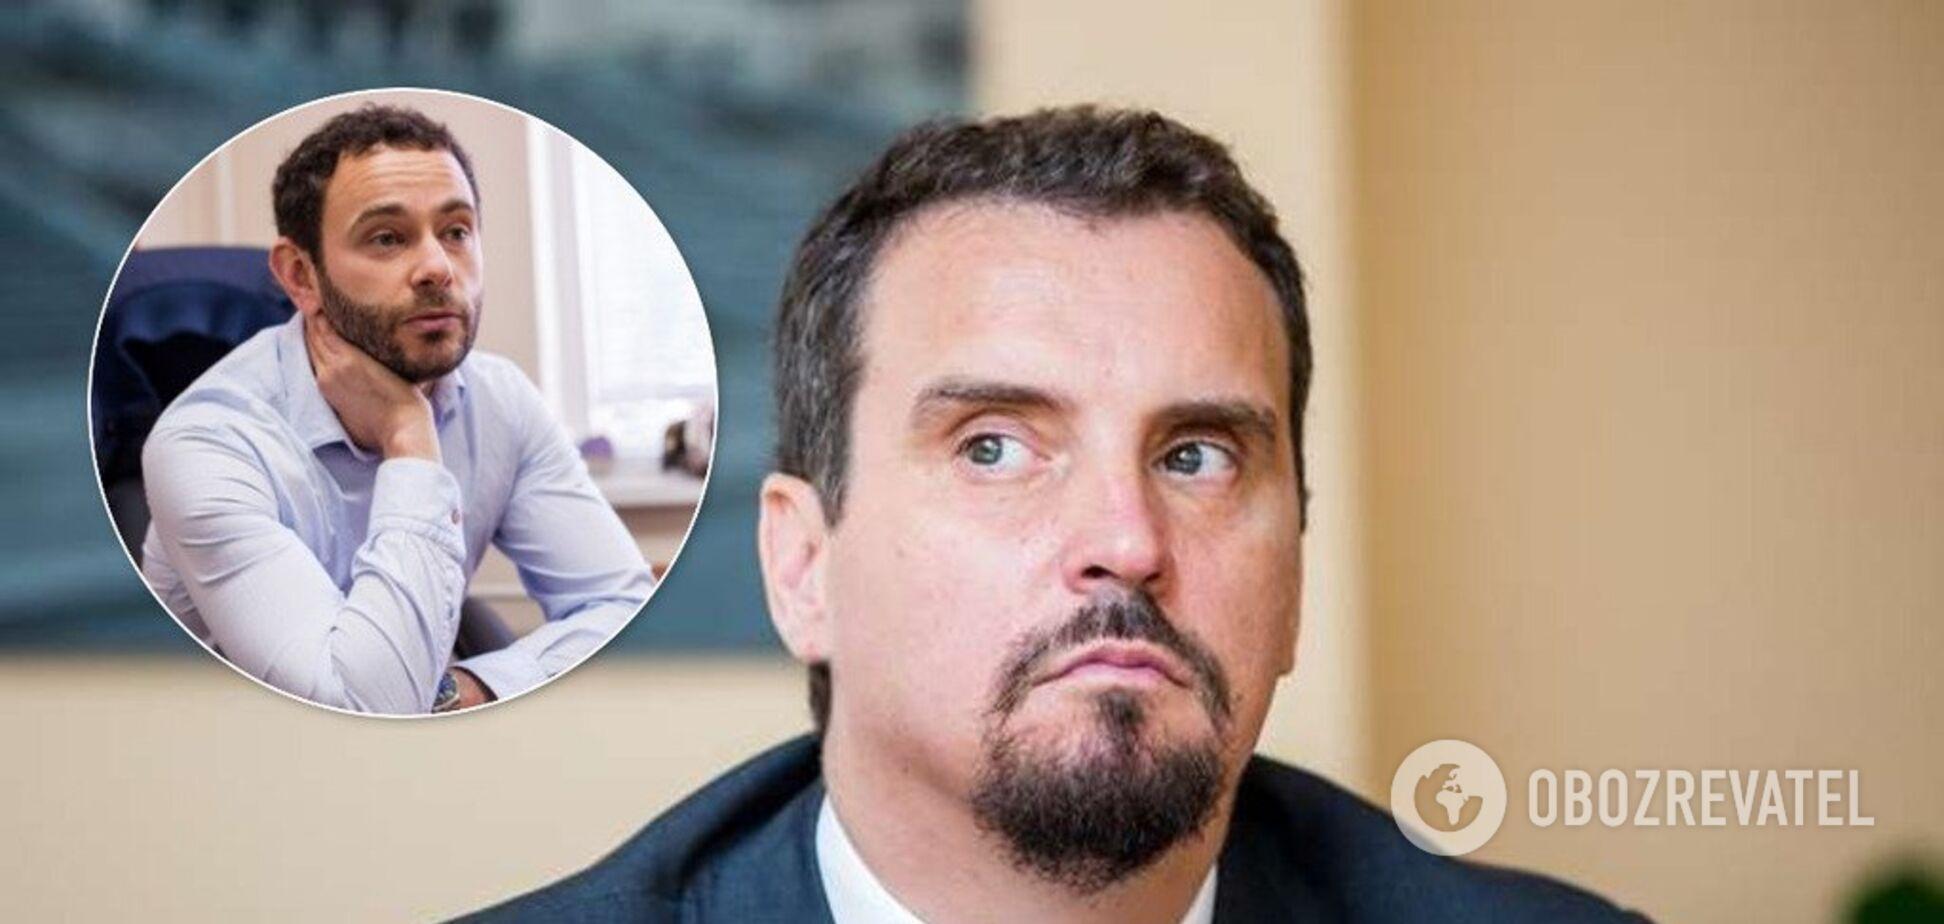 Дубинский обвинил Абромавичуса из-за паспорта Литвы